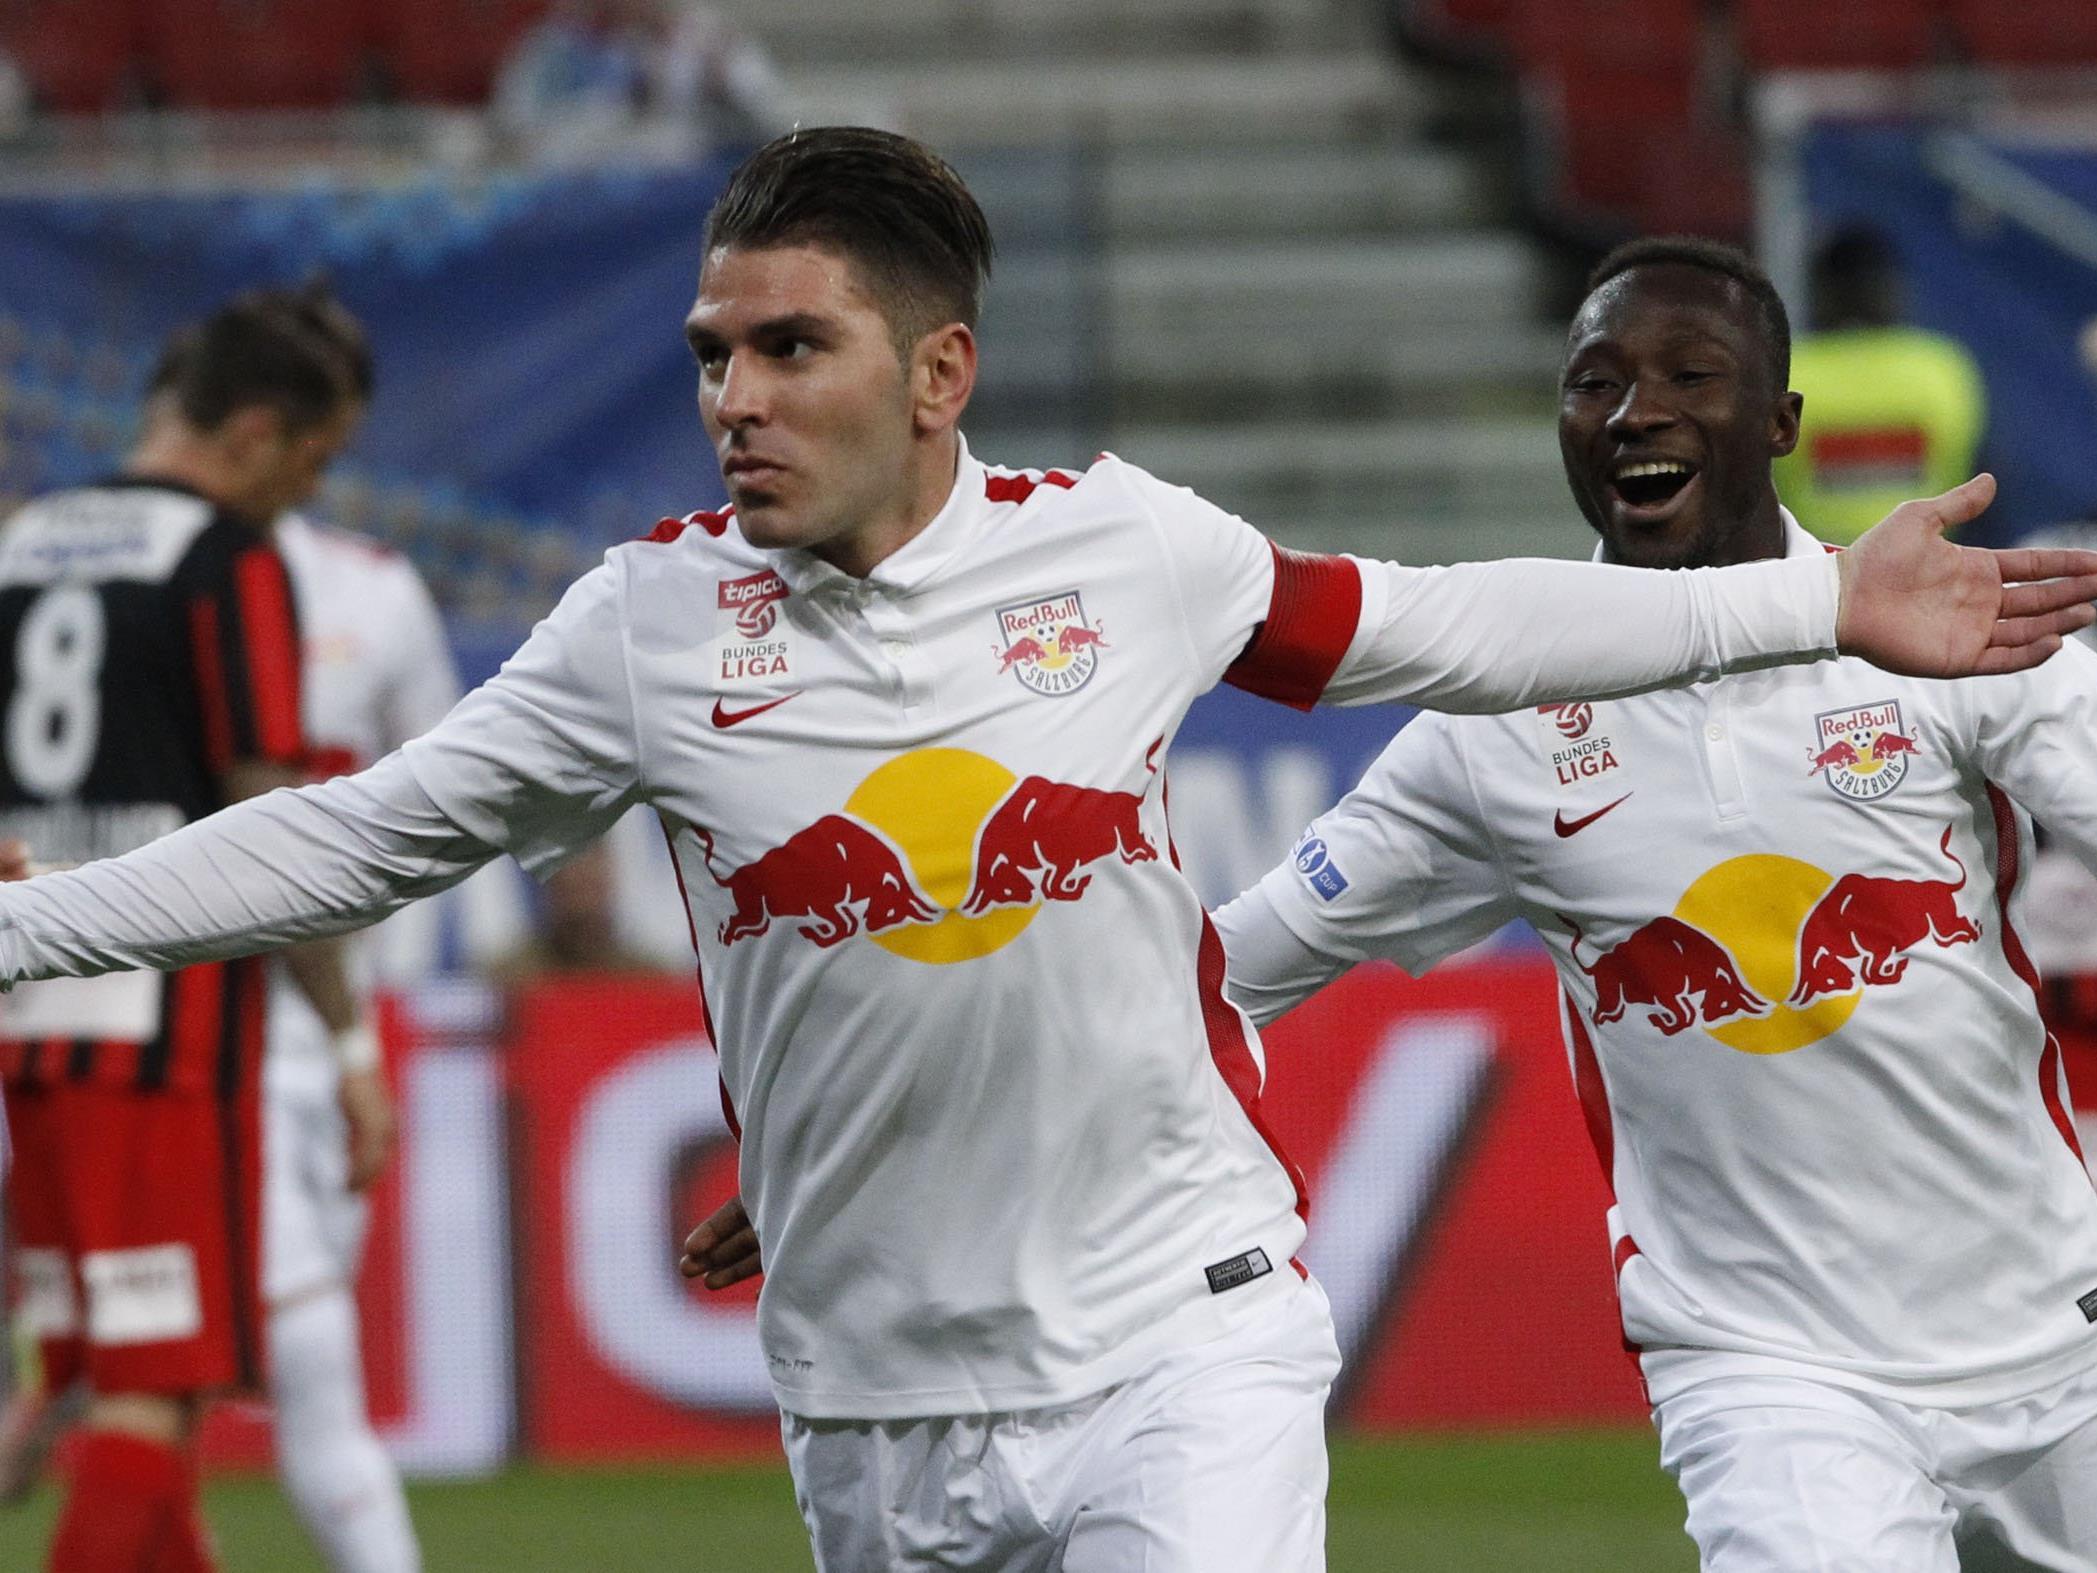 Red Bull Salzburg feiert im ÖFB-Cup einen 5:0-Kantersieg über Admira.